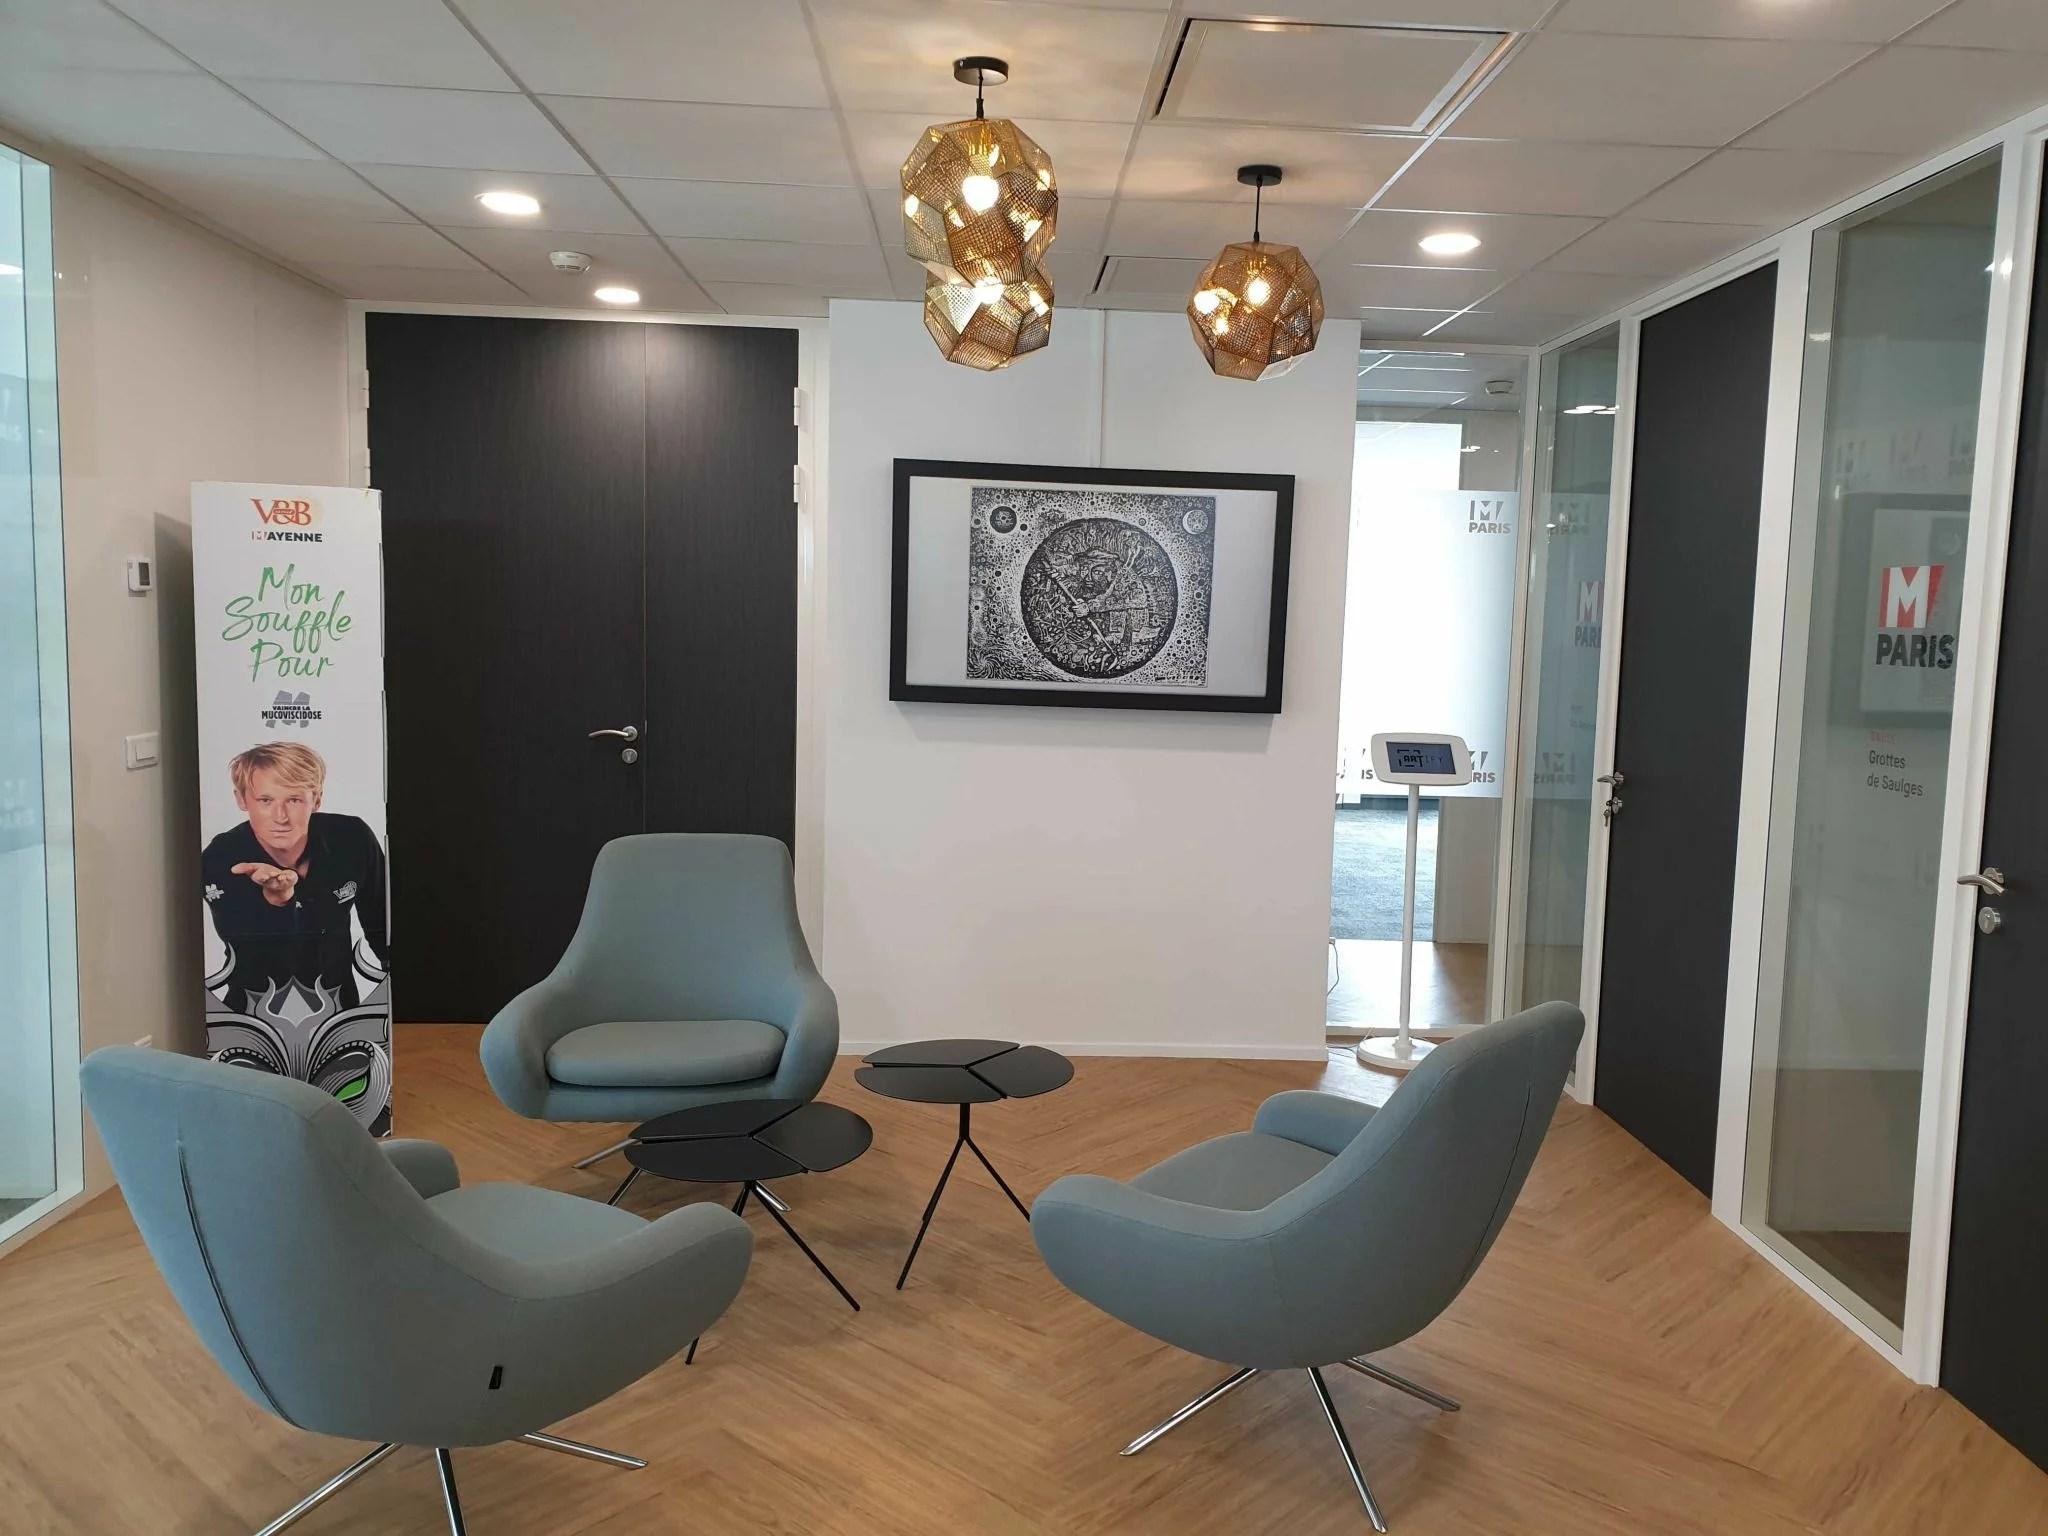 Département de la Mayenne - Espace M Paris